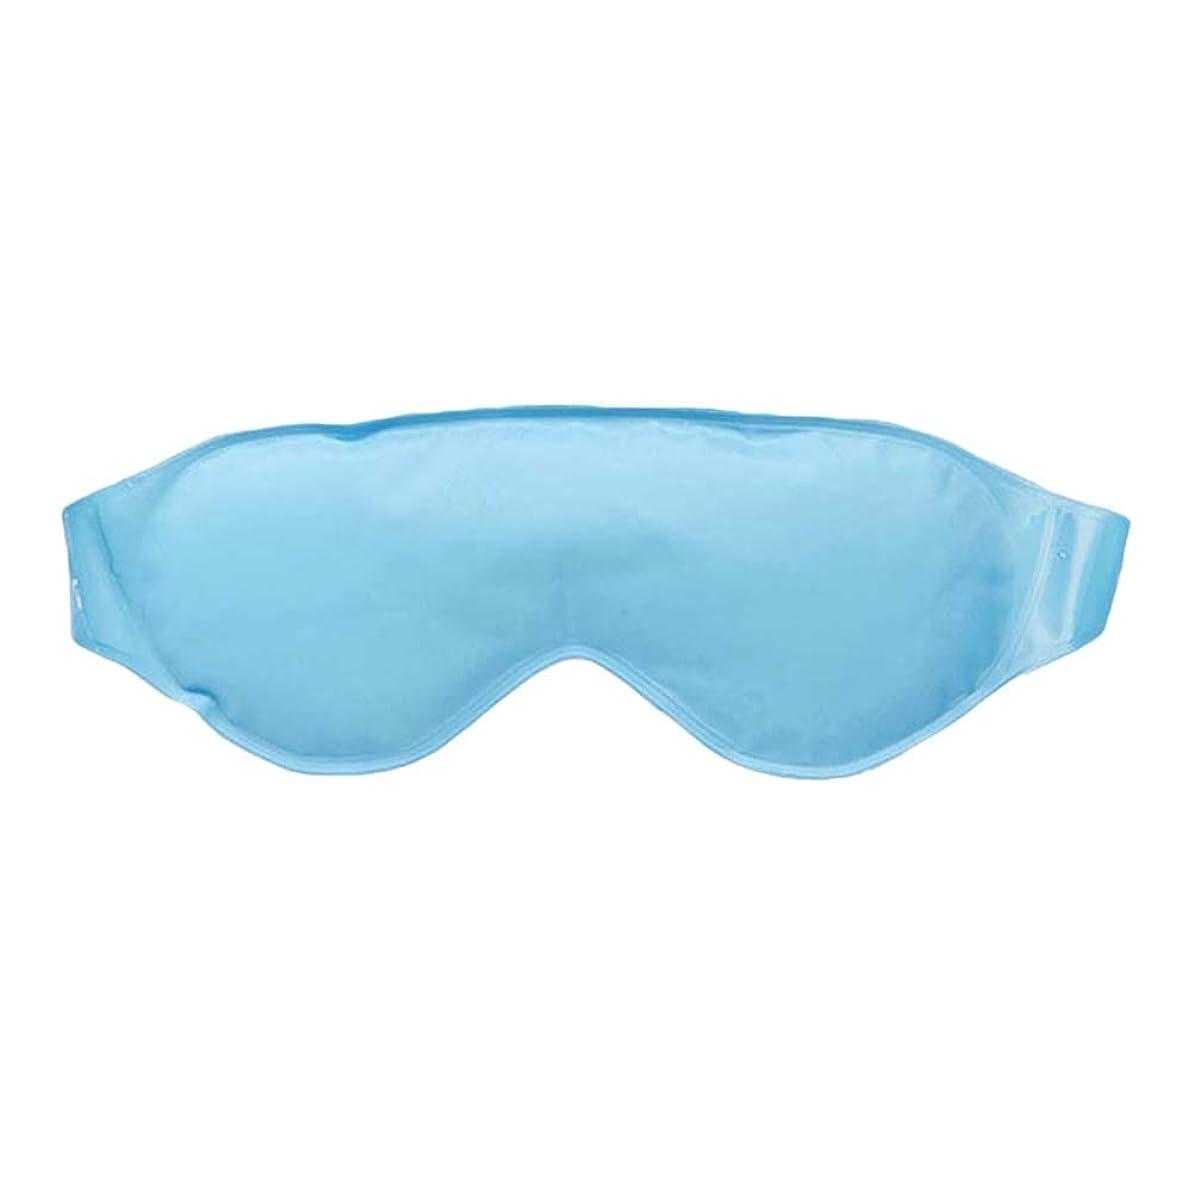 教育利得拡大するHEALIFTY 女性の男性のためのアイスアイマスクパッチ目隠し冷却リラックスブラインドパッチ